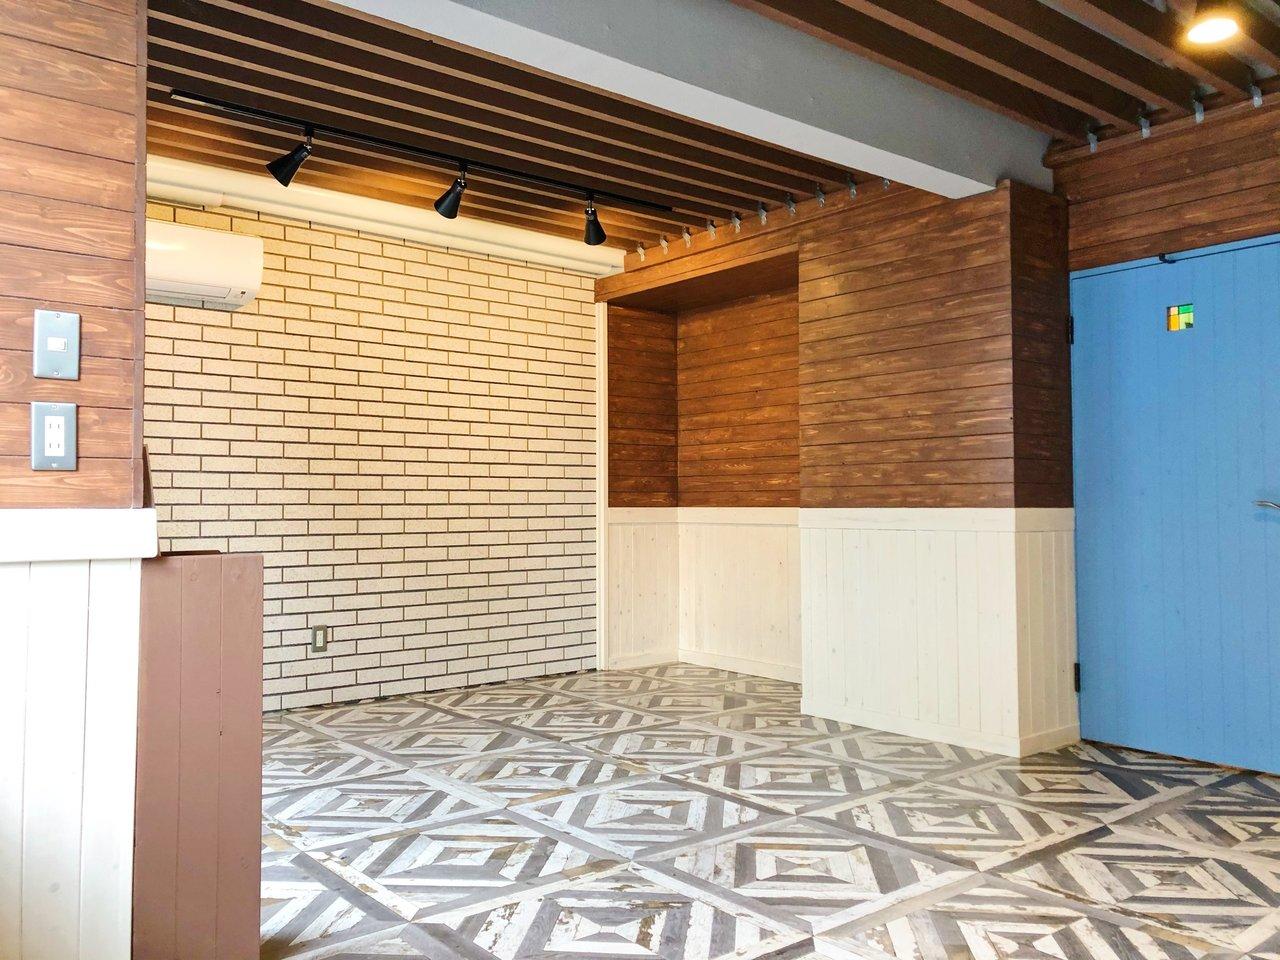 こんなお部屋あったらいいな、を叶えてくれるお洒落なブルックリンスタイルの物件です。壁紙や床にこだわりが詰まっています!